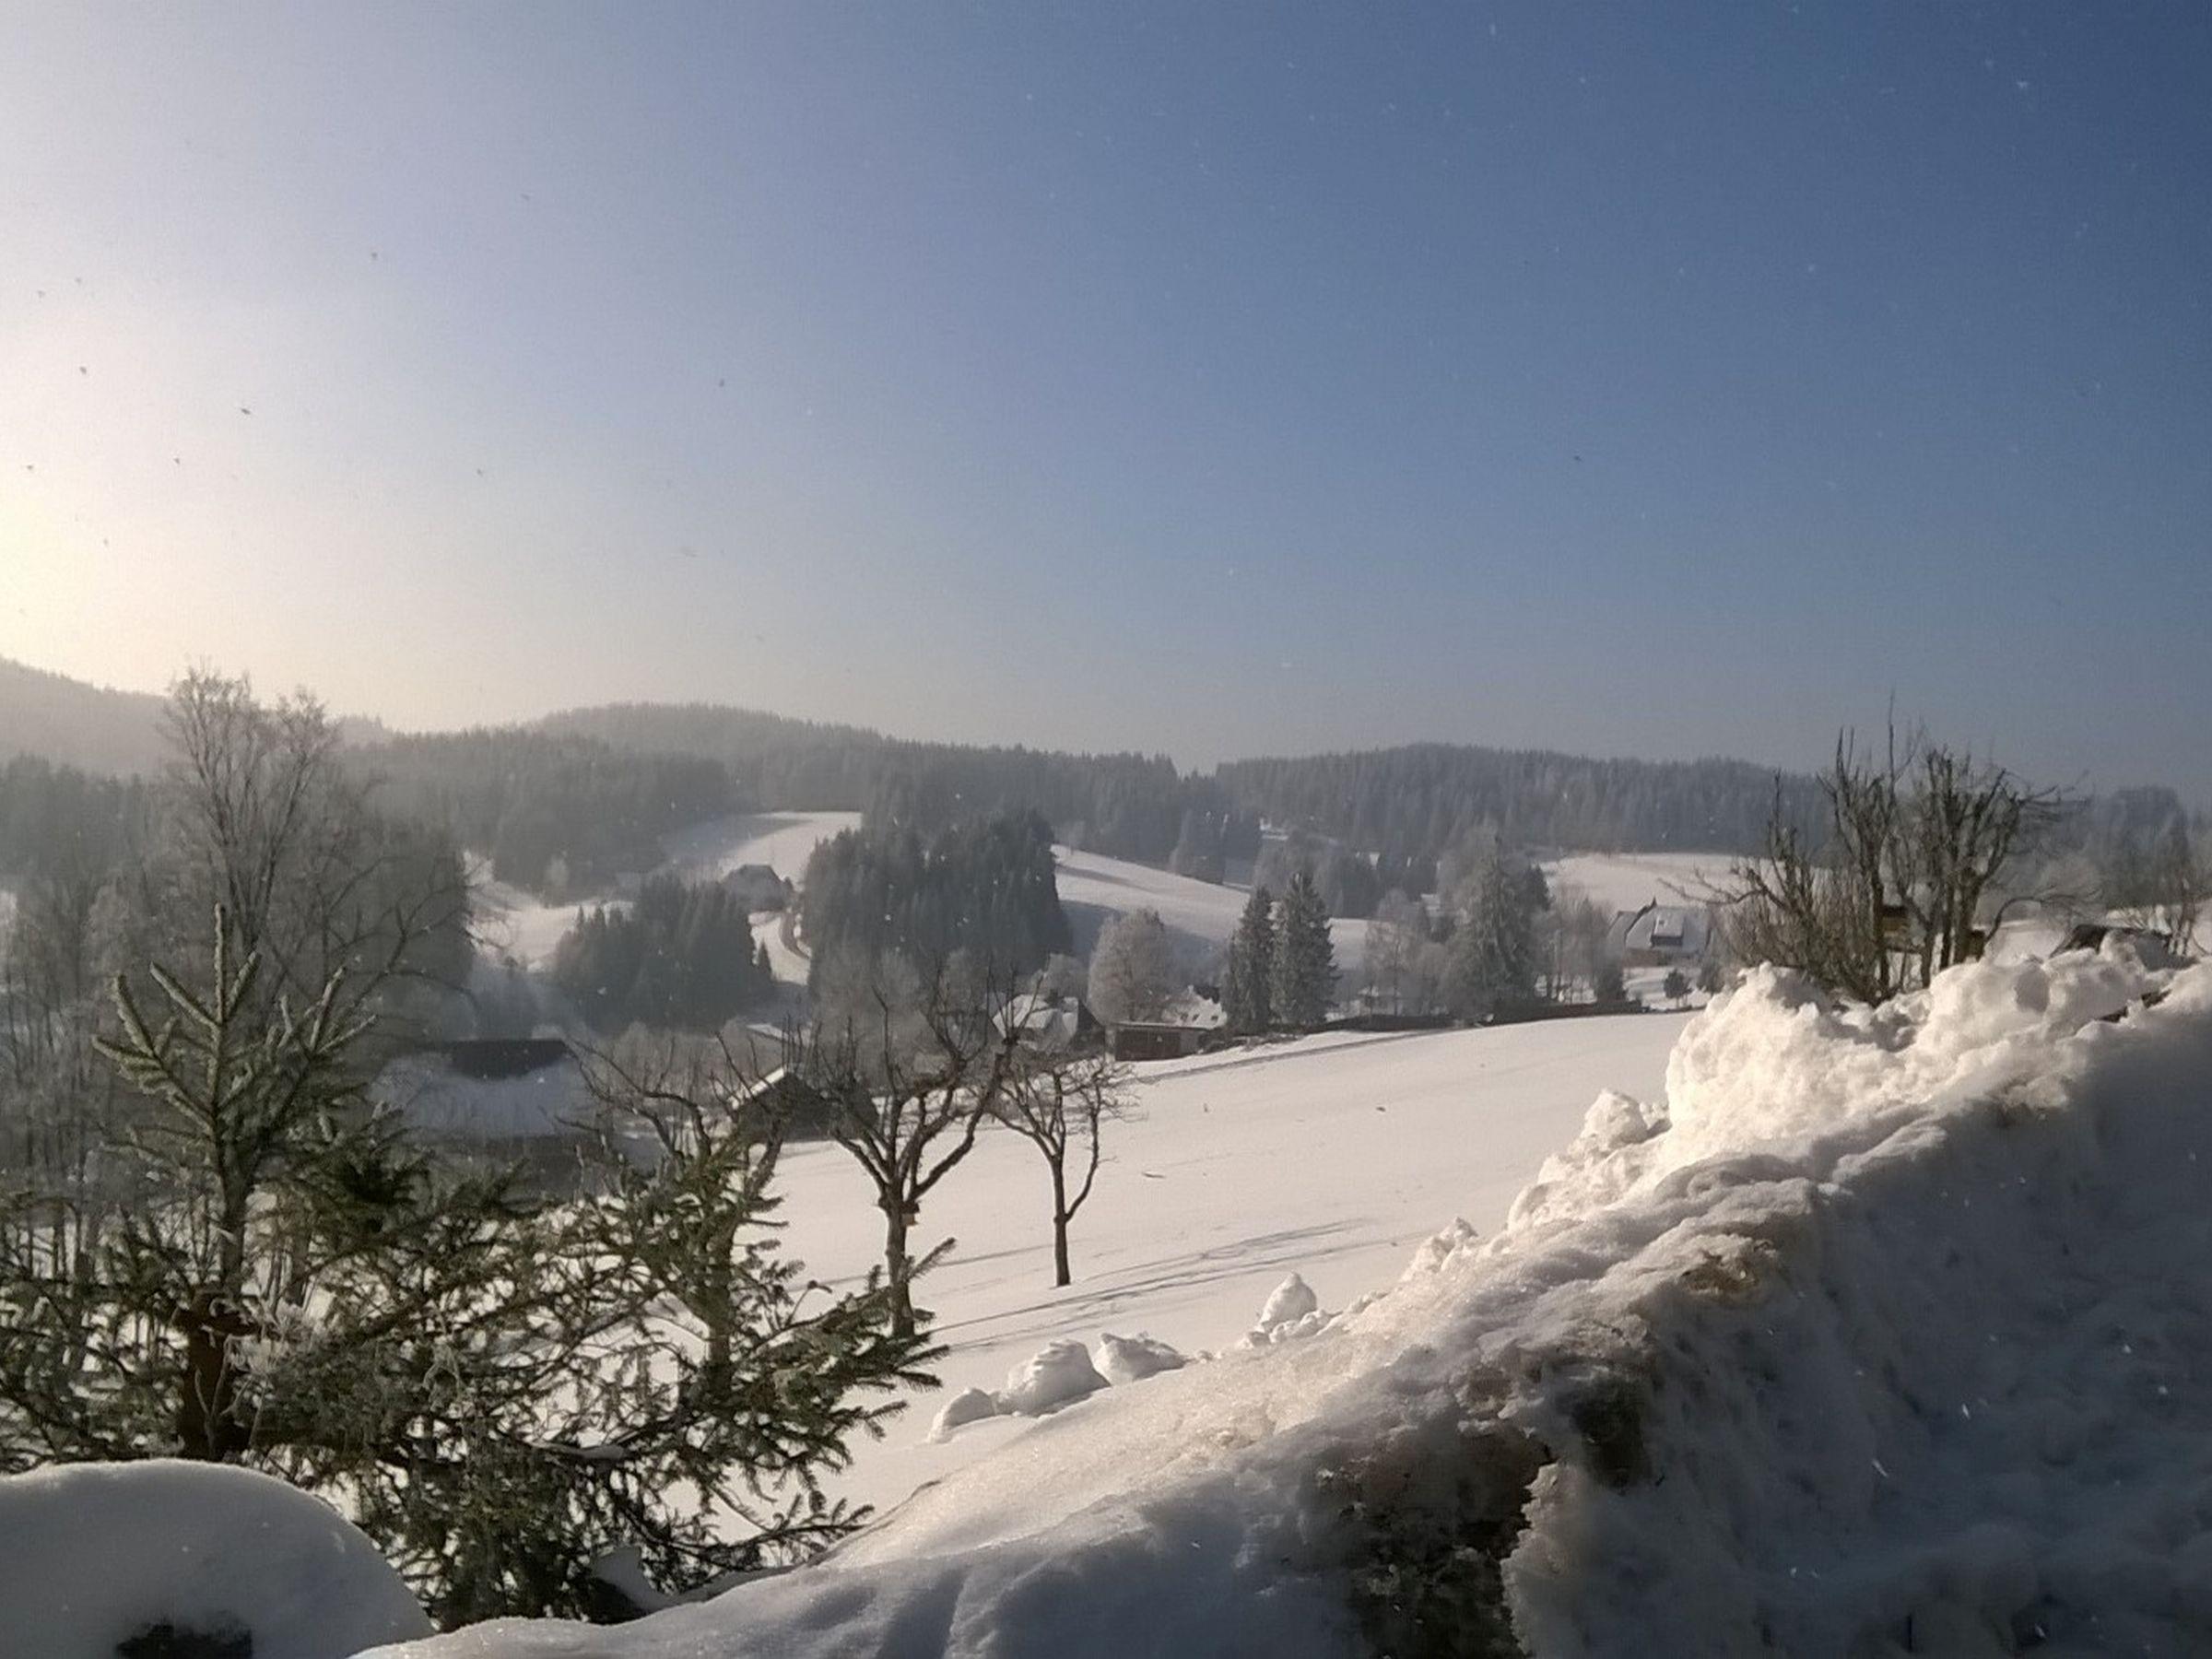 Holiday apartment Beyermann, (Schonach). Ferienwohnung 1, 70qm, 2 Wohn-/Schlafräume, max. 5 Personen (1764474), Schonach, Black Forest, Baden-Württemberg, Germany, picture 8